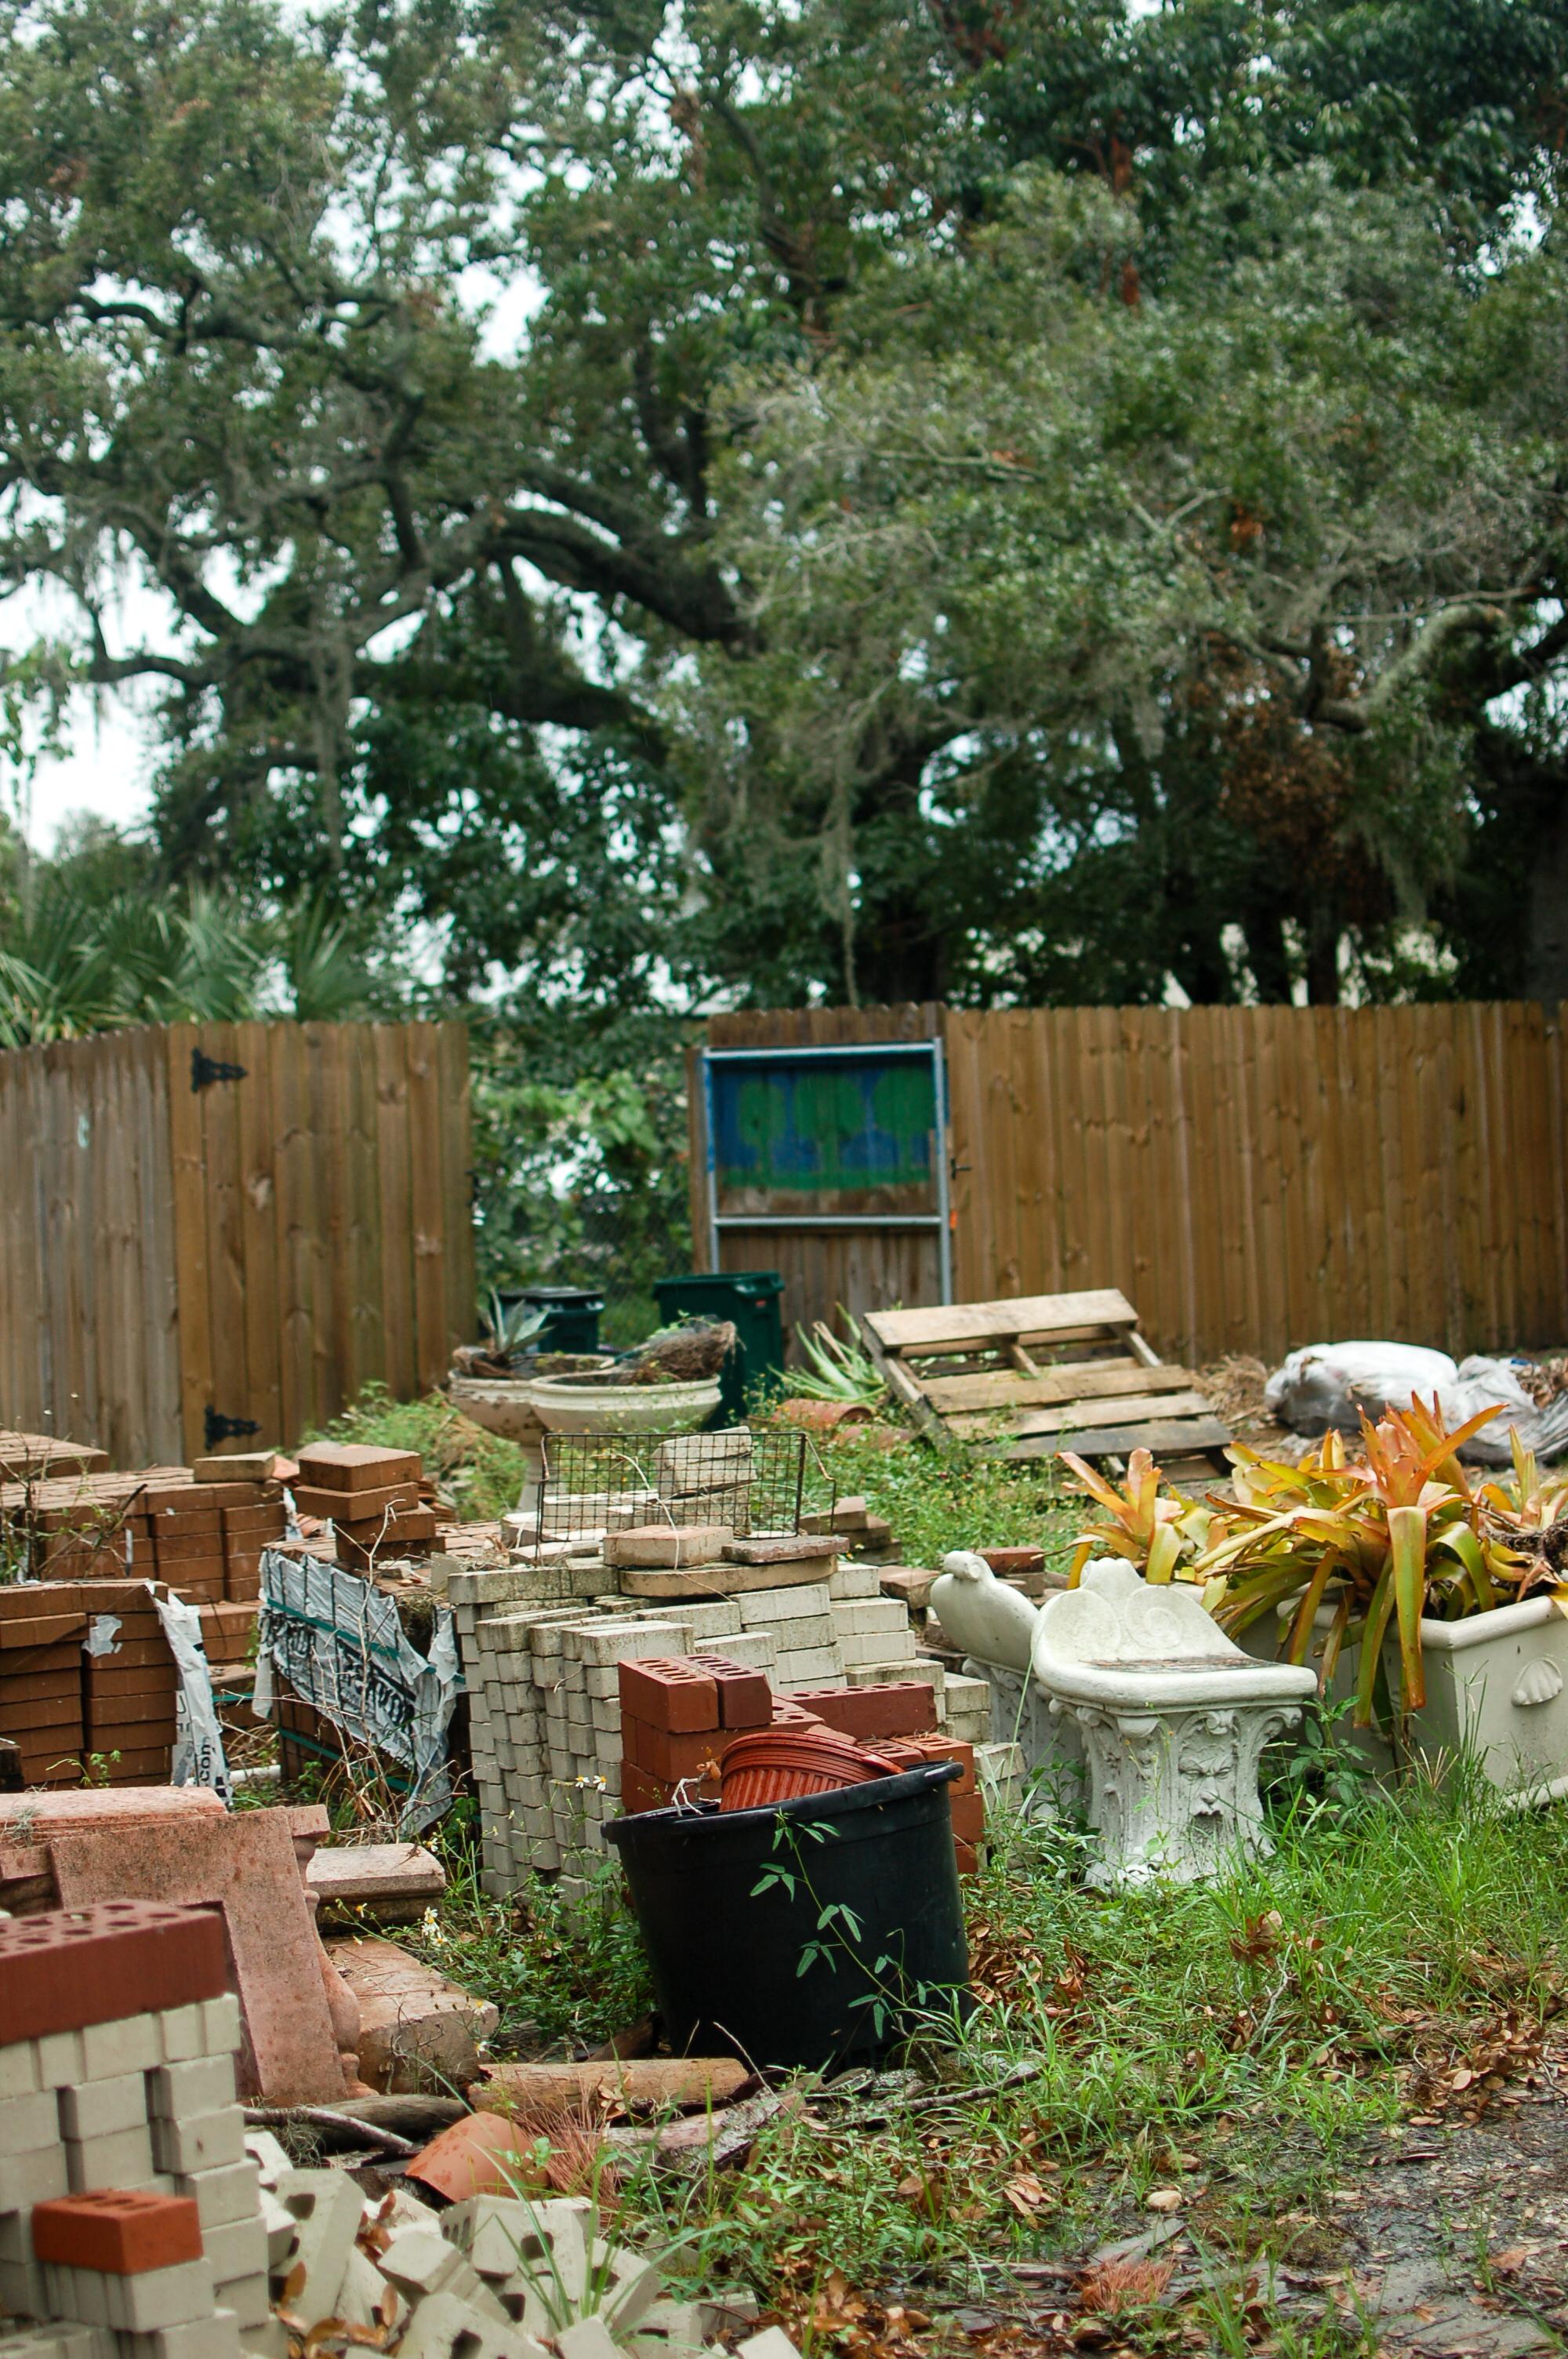 i 4 - compost - photos-5865.jpg